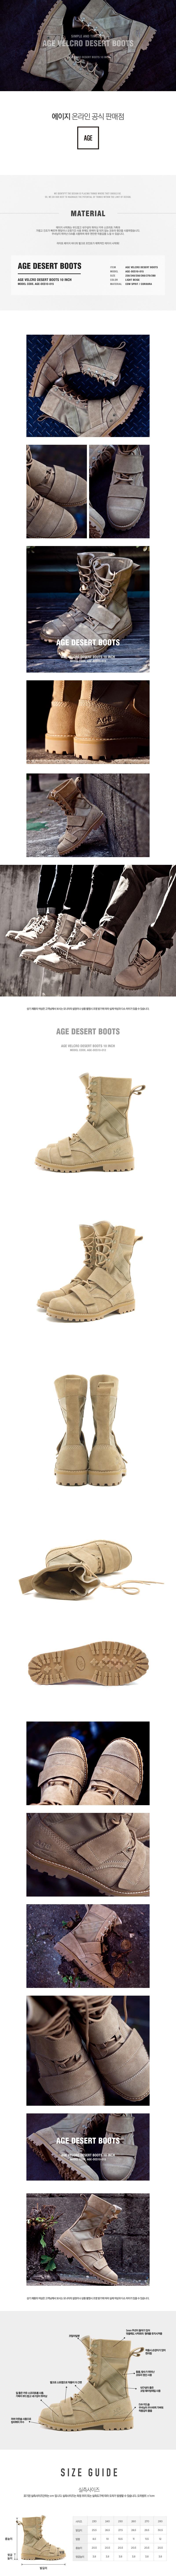 에이지(AGE) 에이지 벨크로 사막화/사막부츠 10 inch AGE VELCRO DESERT BOOTS 10 inch (AGE-DES10-015)